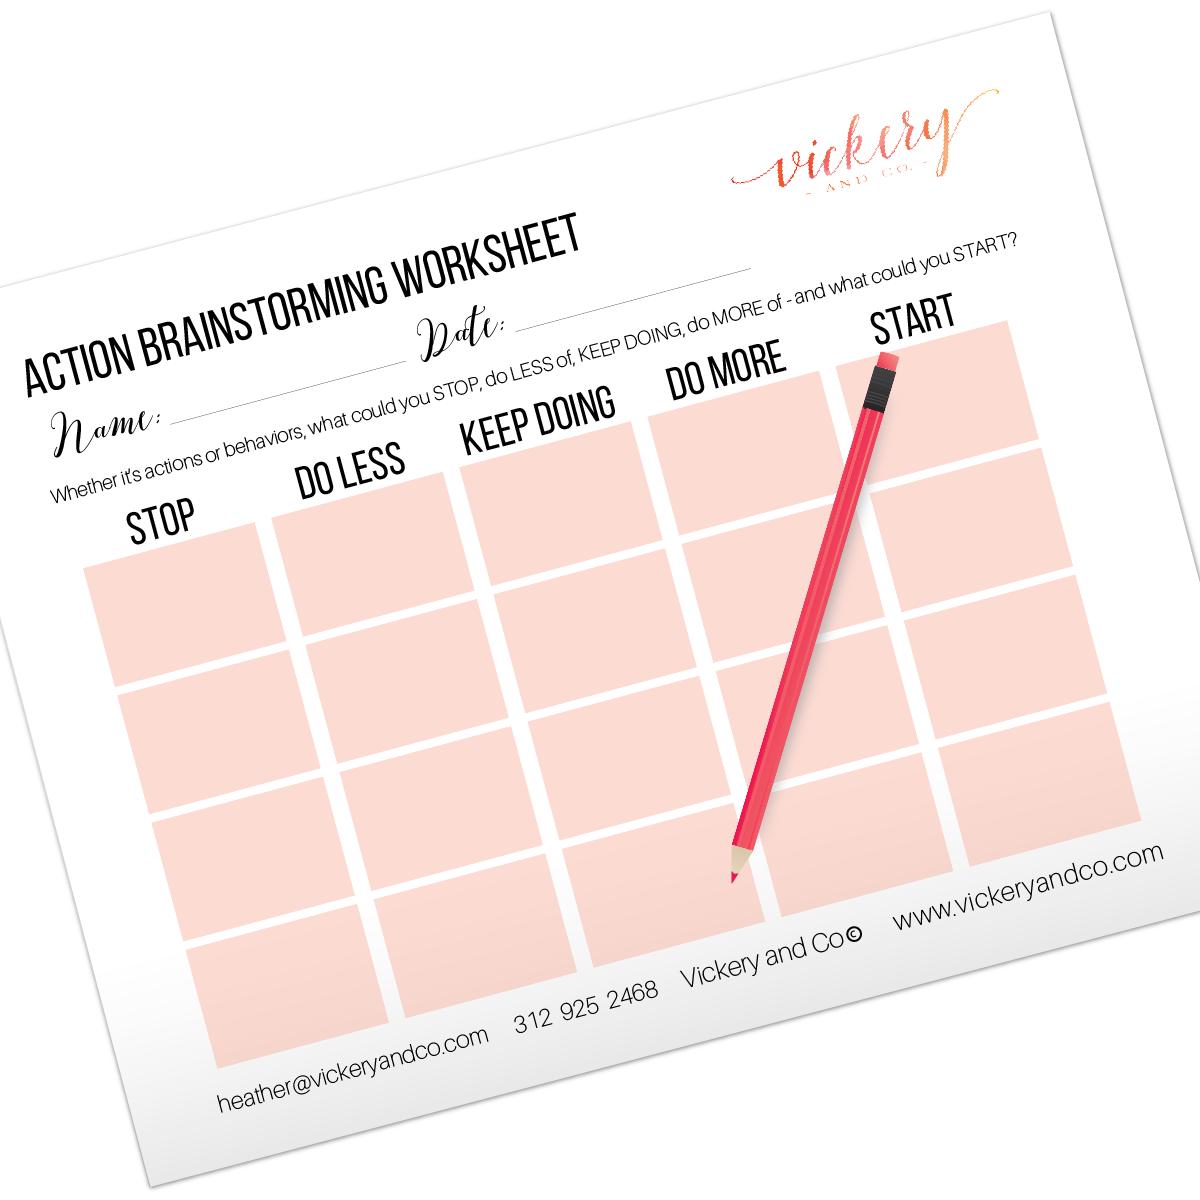 Action Brainstorming Worksheet